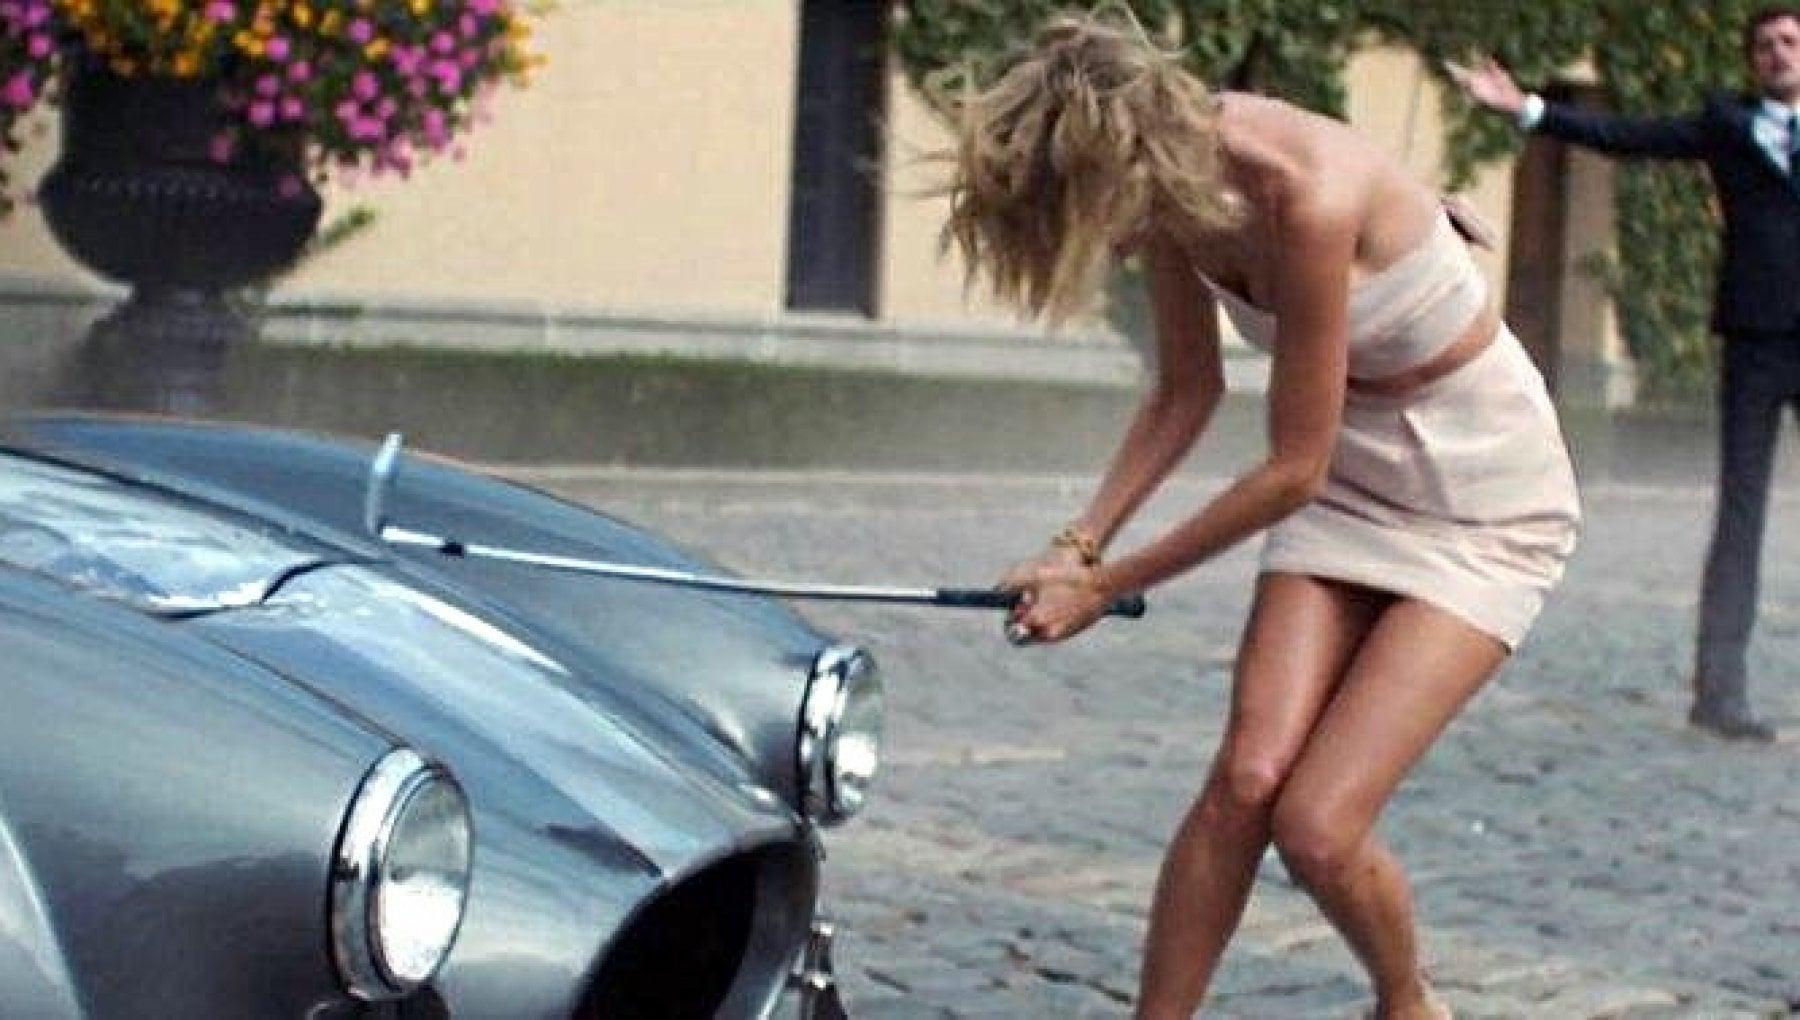 Scopre il marito con l'amante e gli distrugge casa e Maserati: danni per 300mila euro